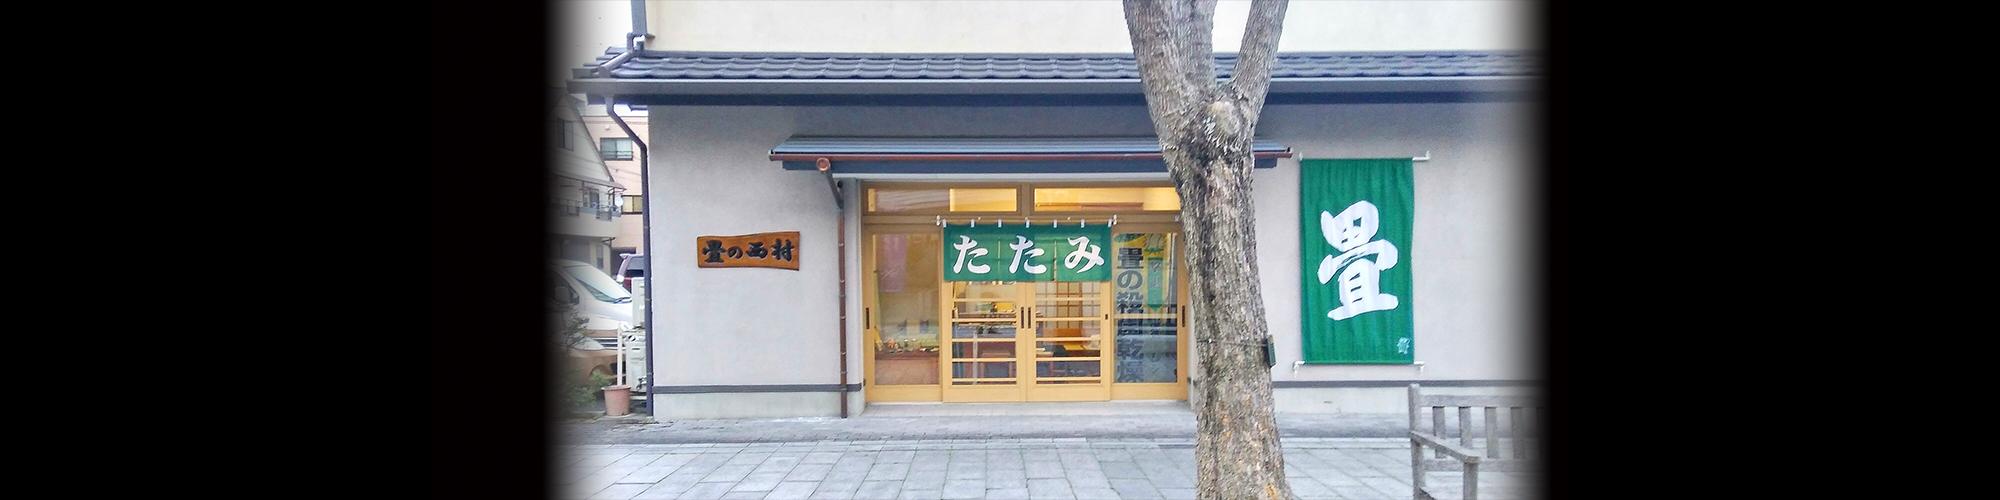 有限会社西村製畳店 島田市・藤枝市での畳のことは「たたみのにしむら」にお任せください